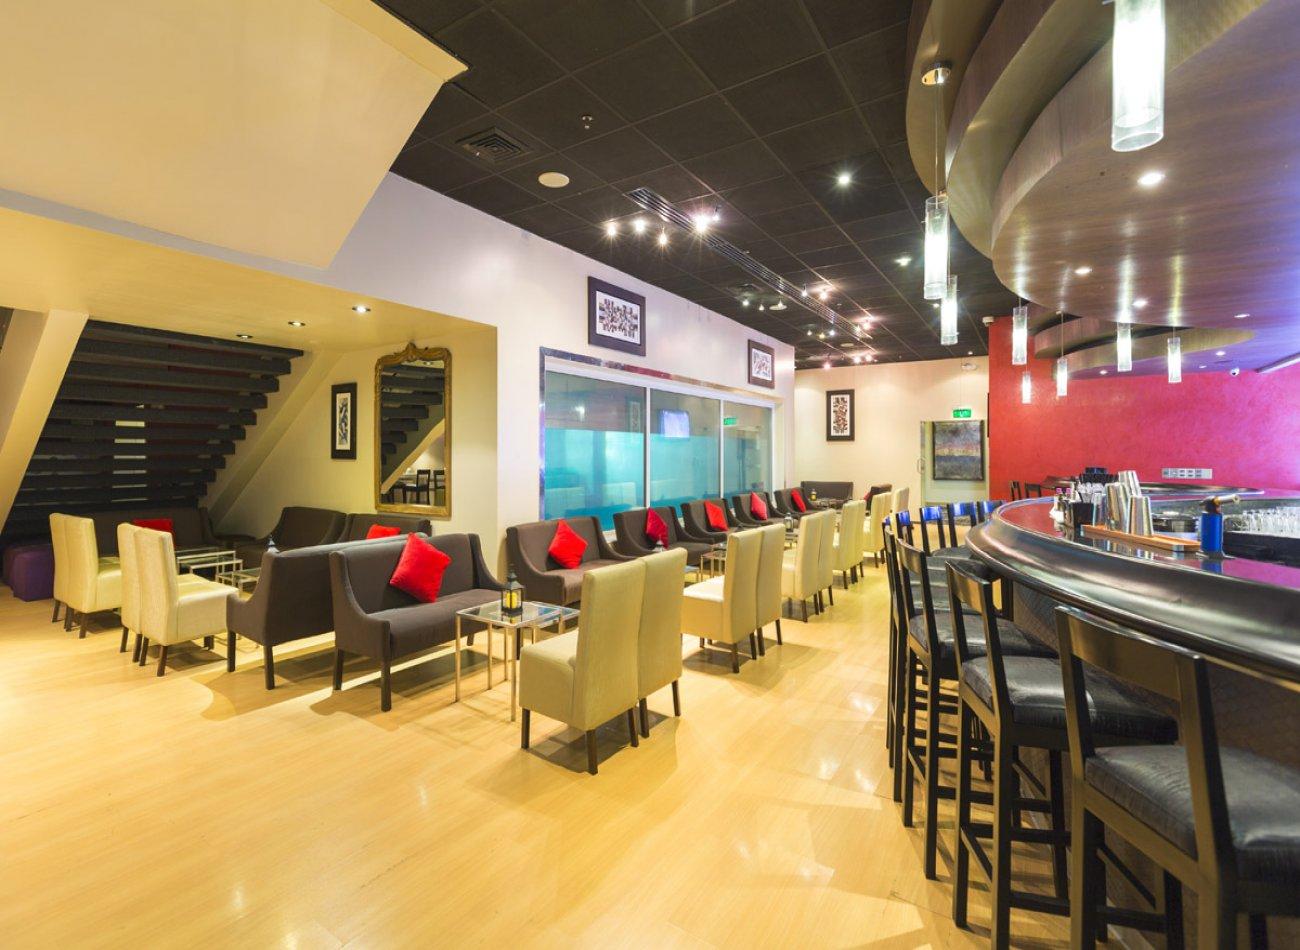 OCEANUS LOUNGE - DELFINES HOTEL Restaurante - Reserva y Pide Delivery o Take Out en restaurantes de Comida BAR - TAPAS Y PIQUEOS - SAN ISIDRO - MESA 24/7 | LIMA - Perú